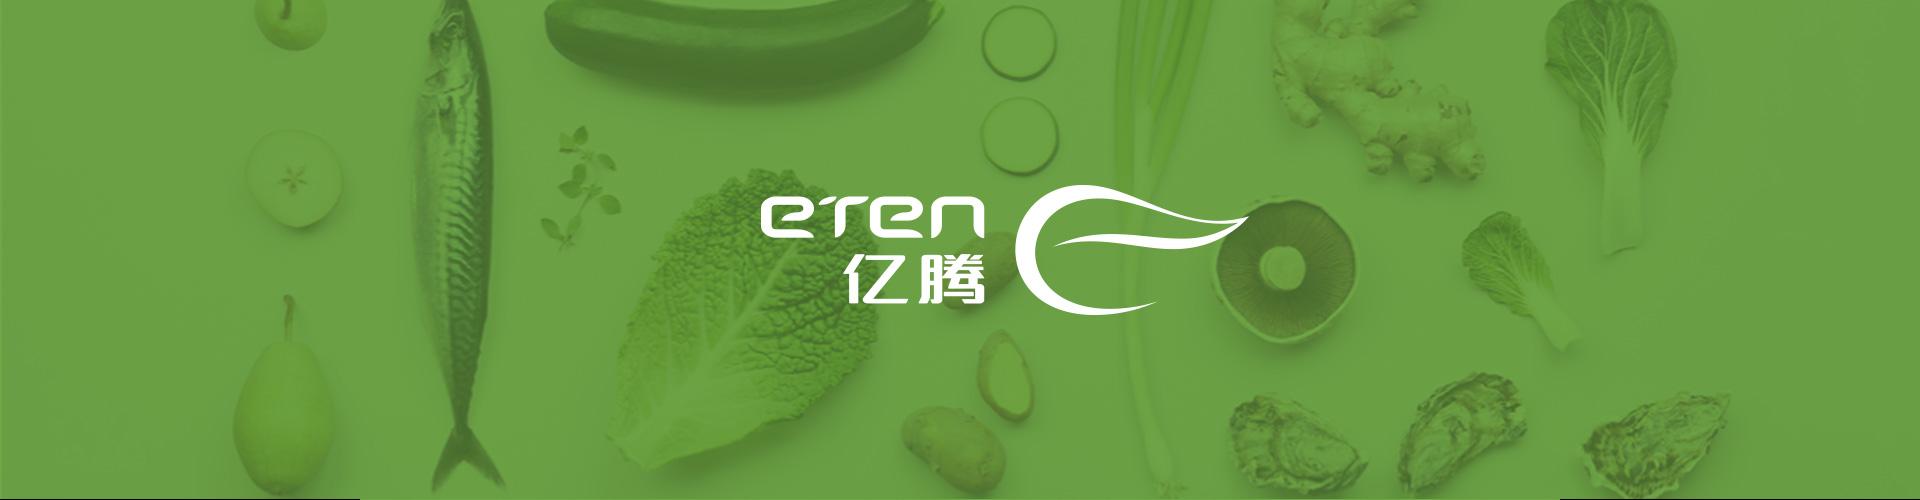 logo-yiteng_01